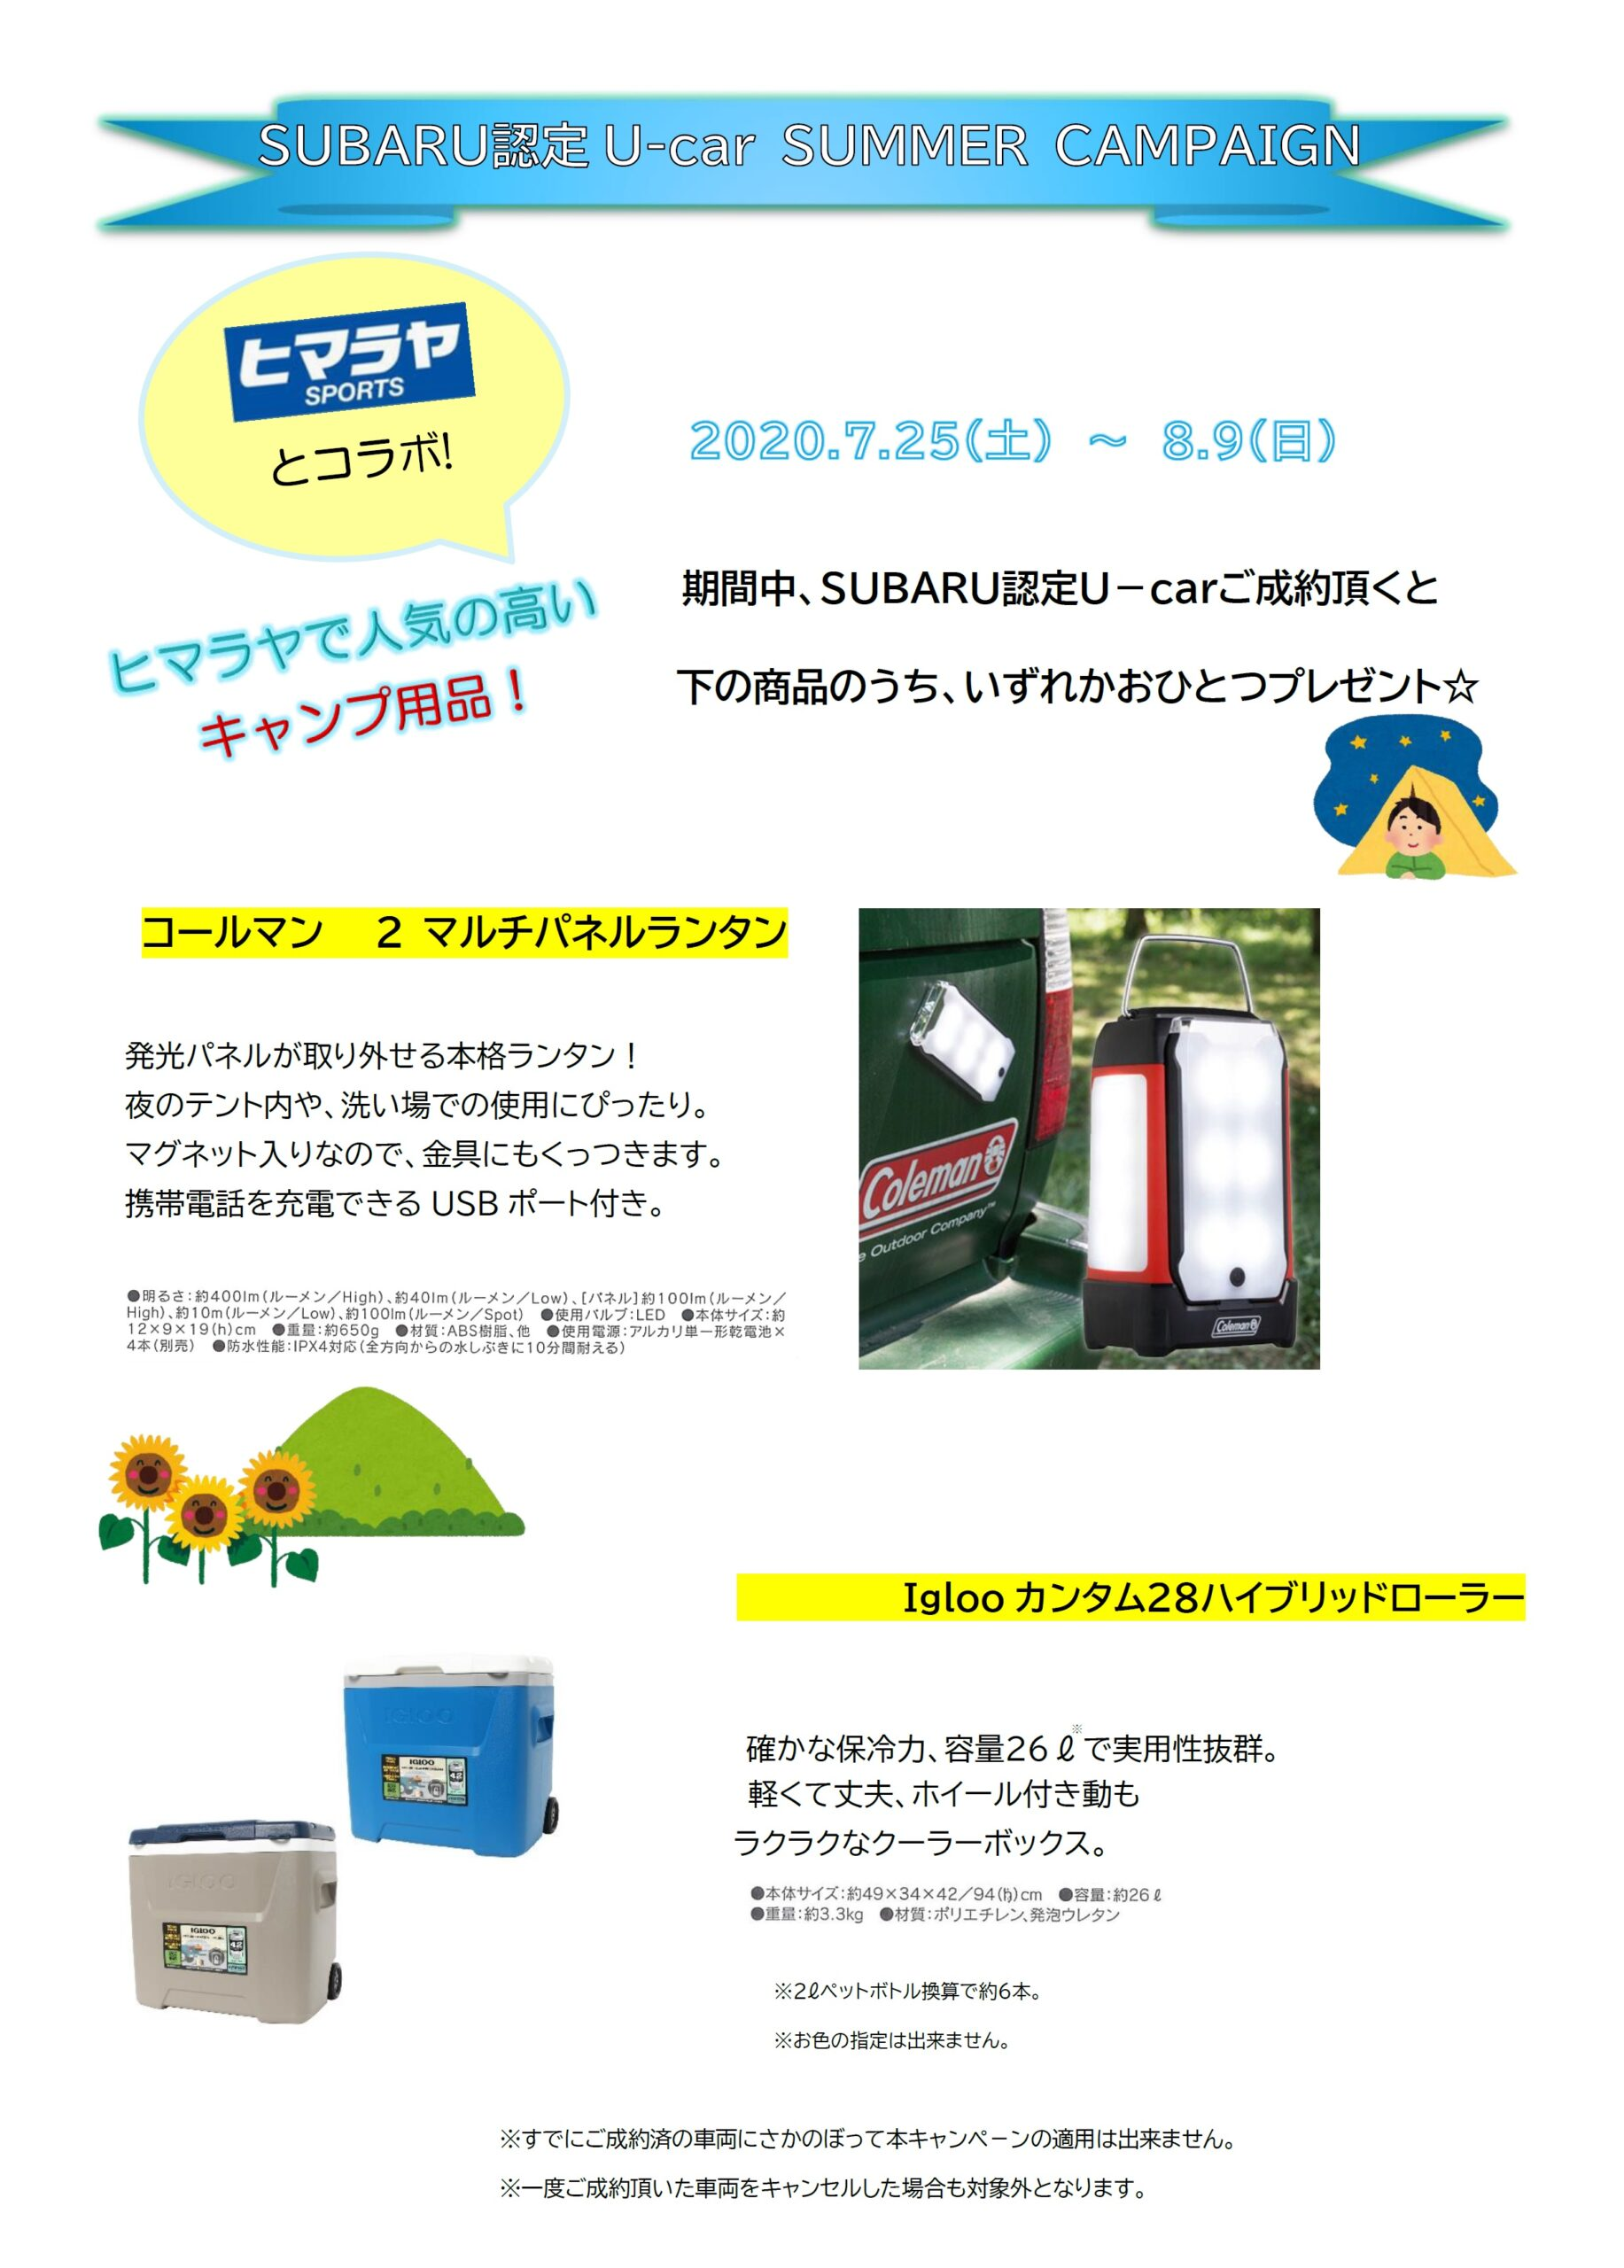 7/25(土)より、SUBARU認定U-CAR SUMMER CAMPAIGN開催!